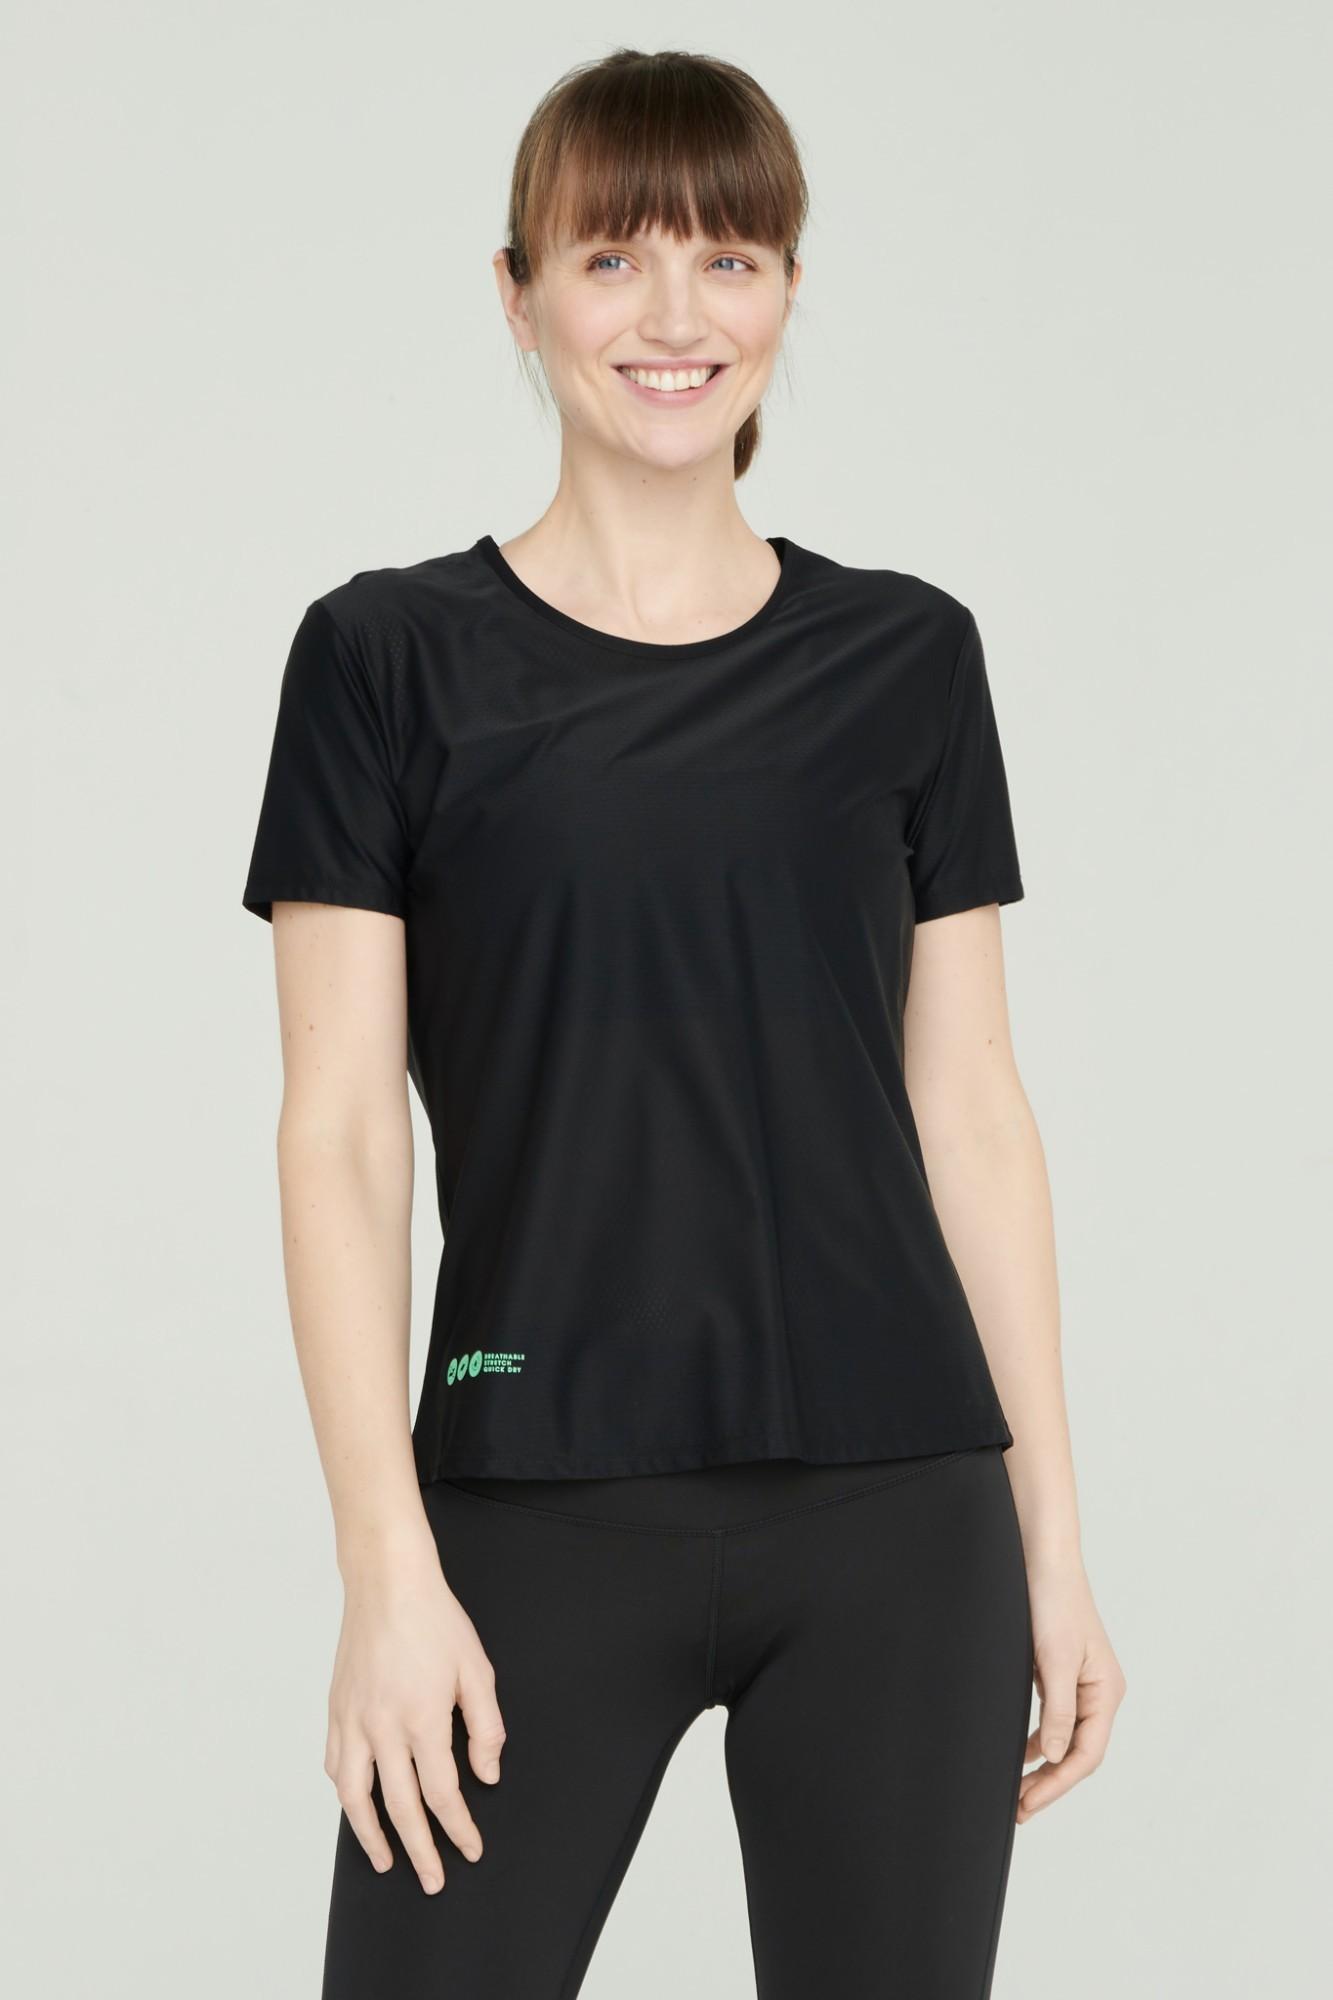 AUDIMAS Lengvi funkcionalūs marškinėliai 2111-051 Black M